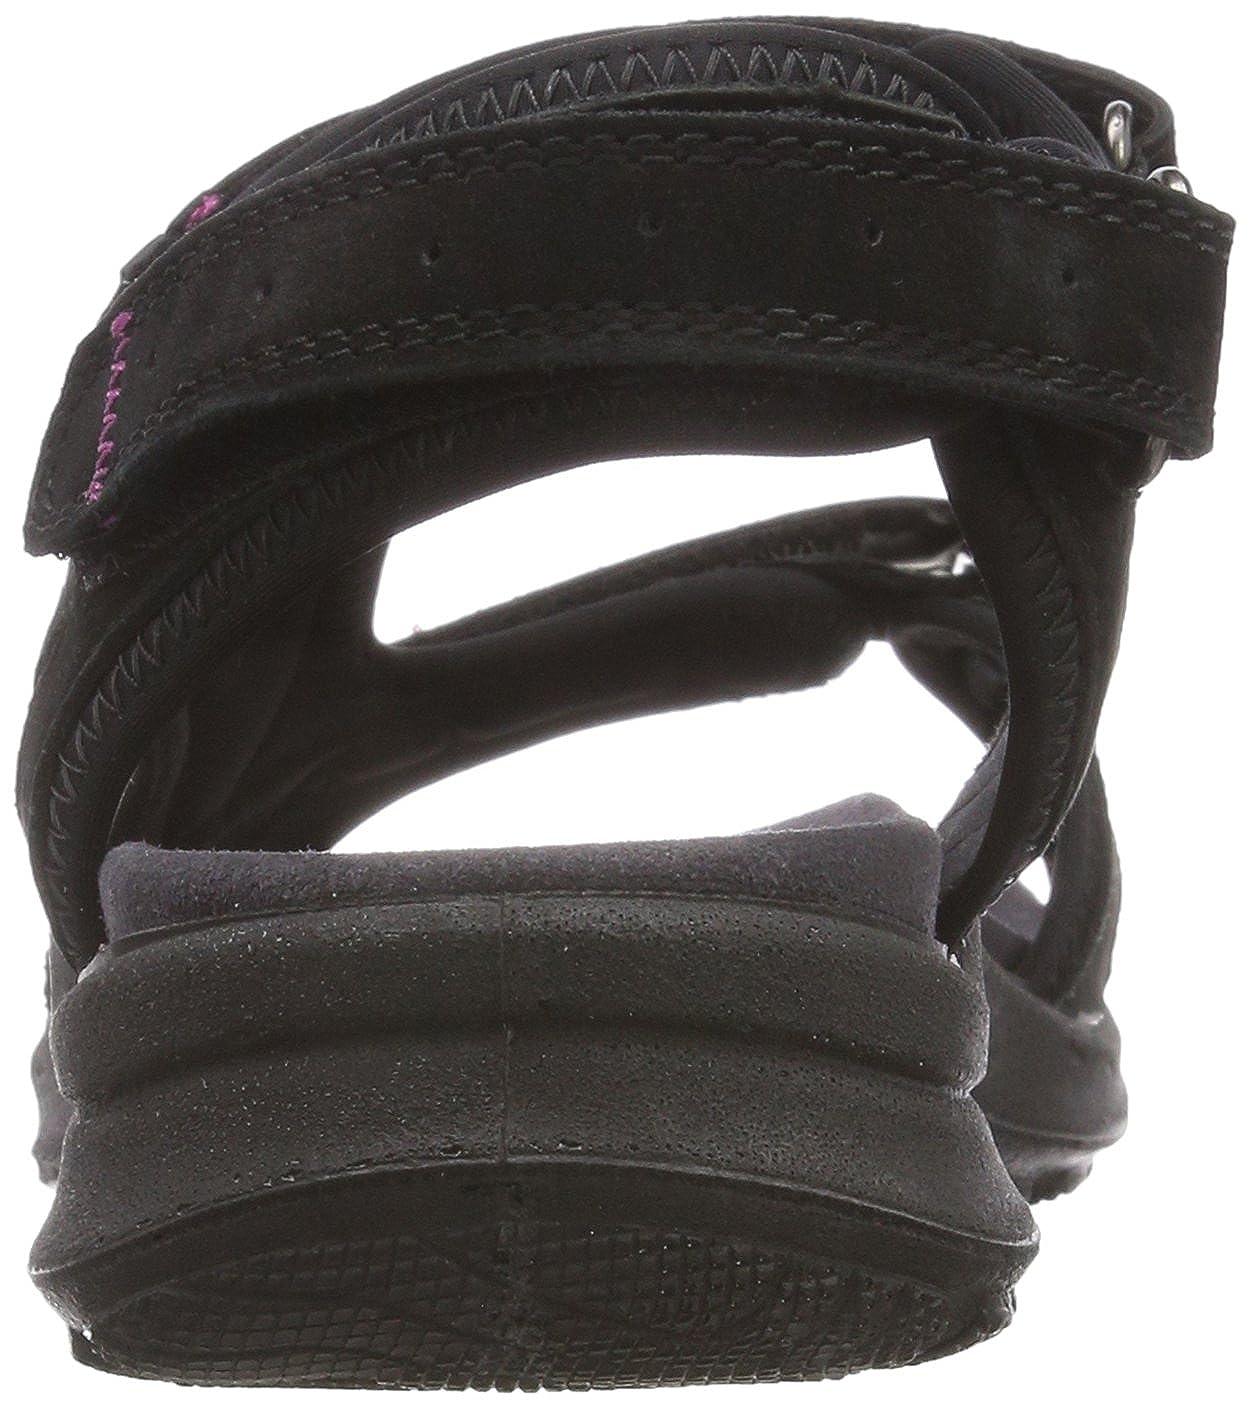 Legero Siris Damen Offene Schwarz Sandalen mit Keilabsatz Schwarz Offene (Schwarz) 6ef18b